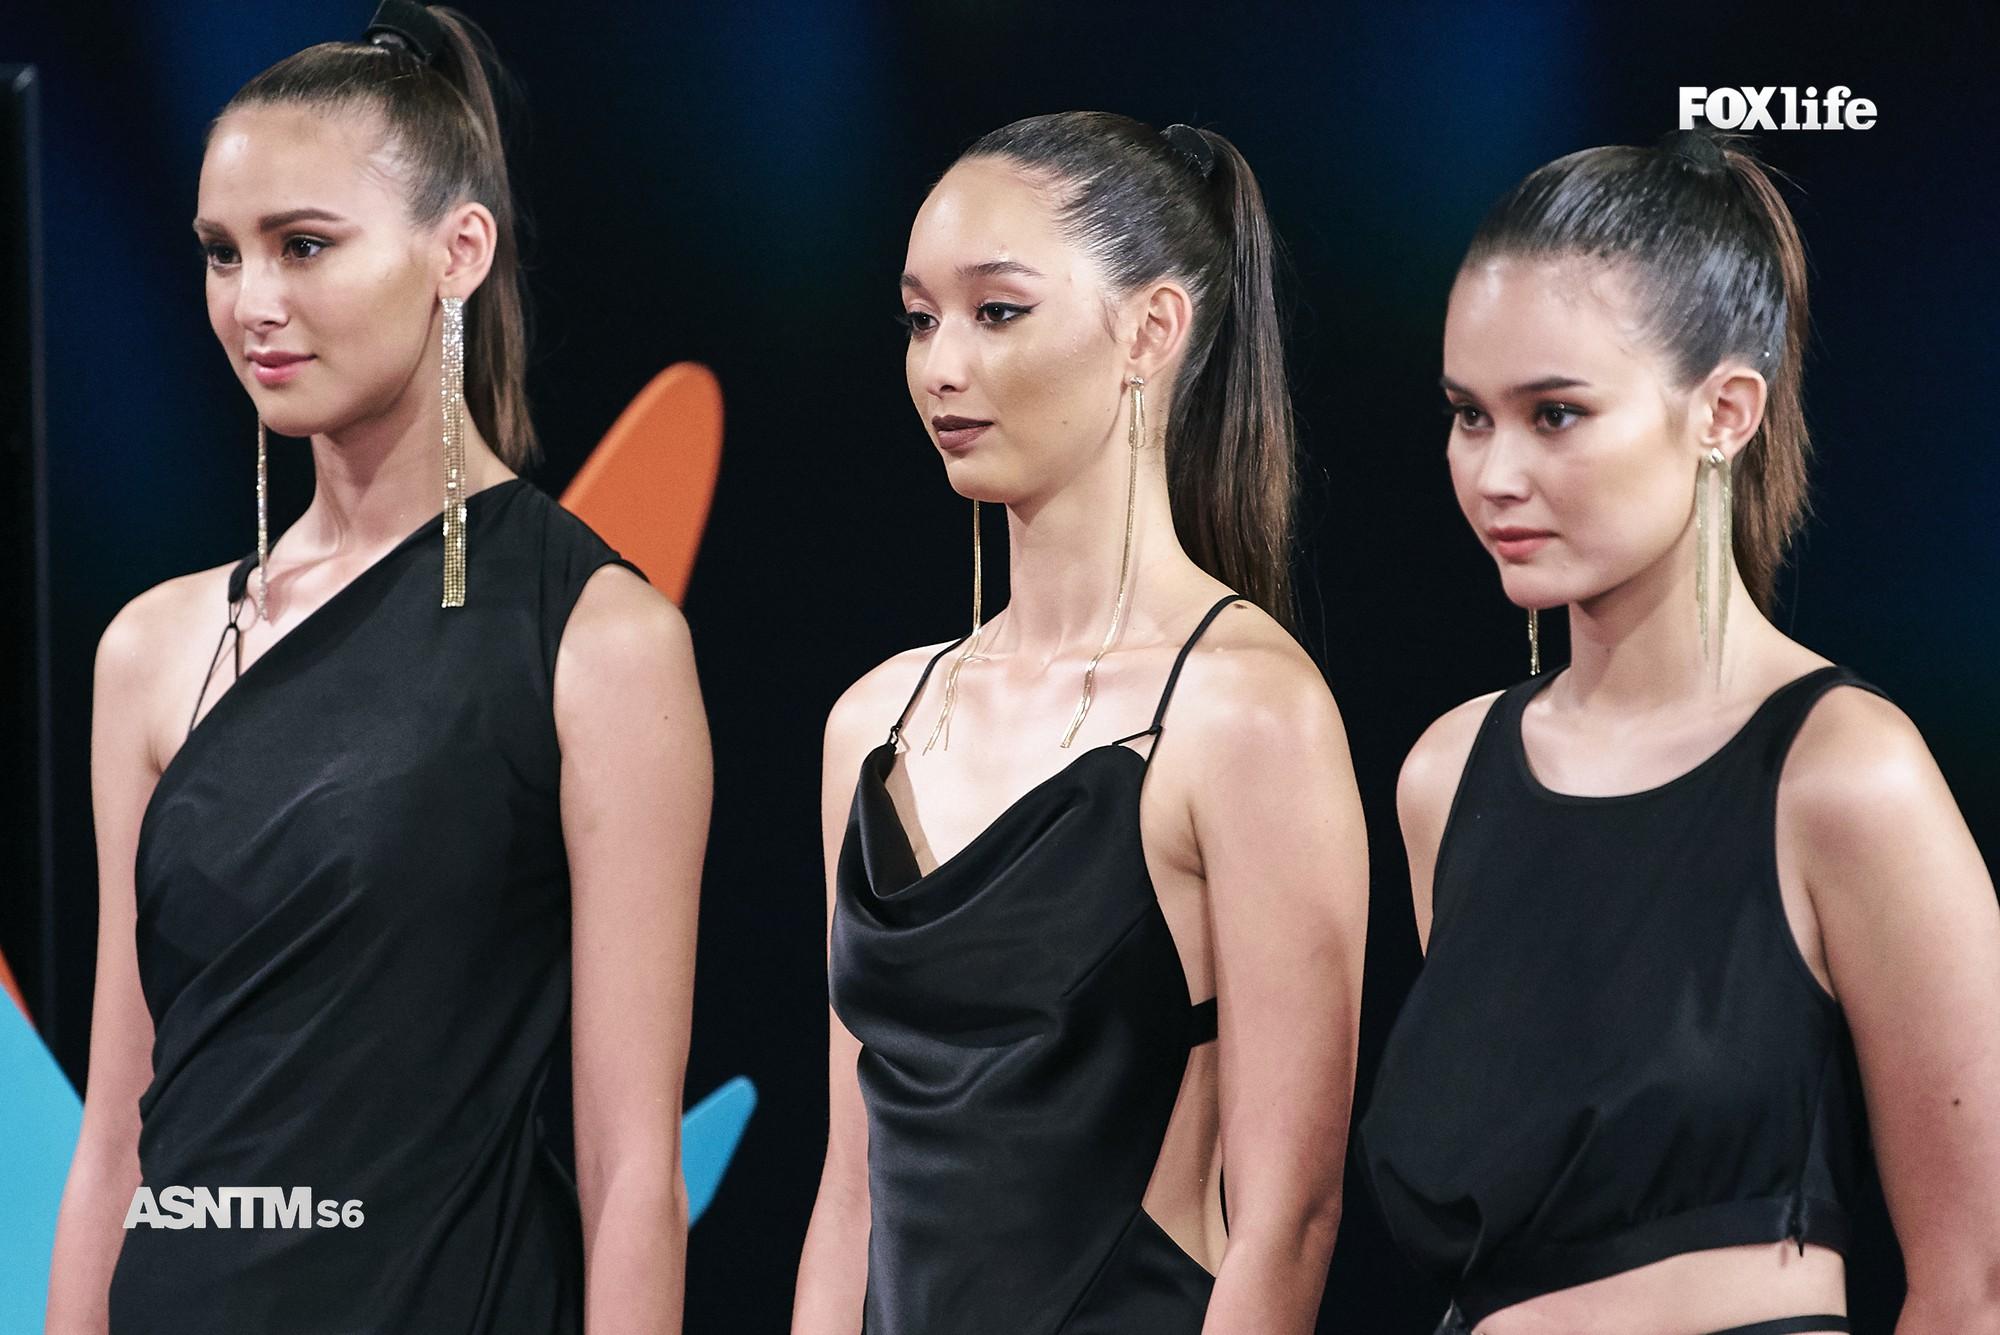 Bất ngờ chưa? 2 cựu Á quân Next Top Model lại bị lính mới đánh bại tại phiên bản châu Á! - Ảnh 1.